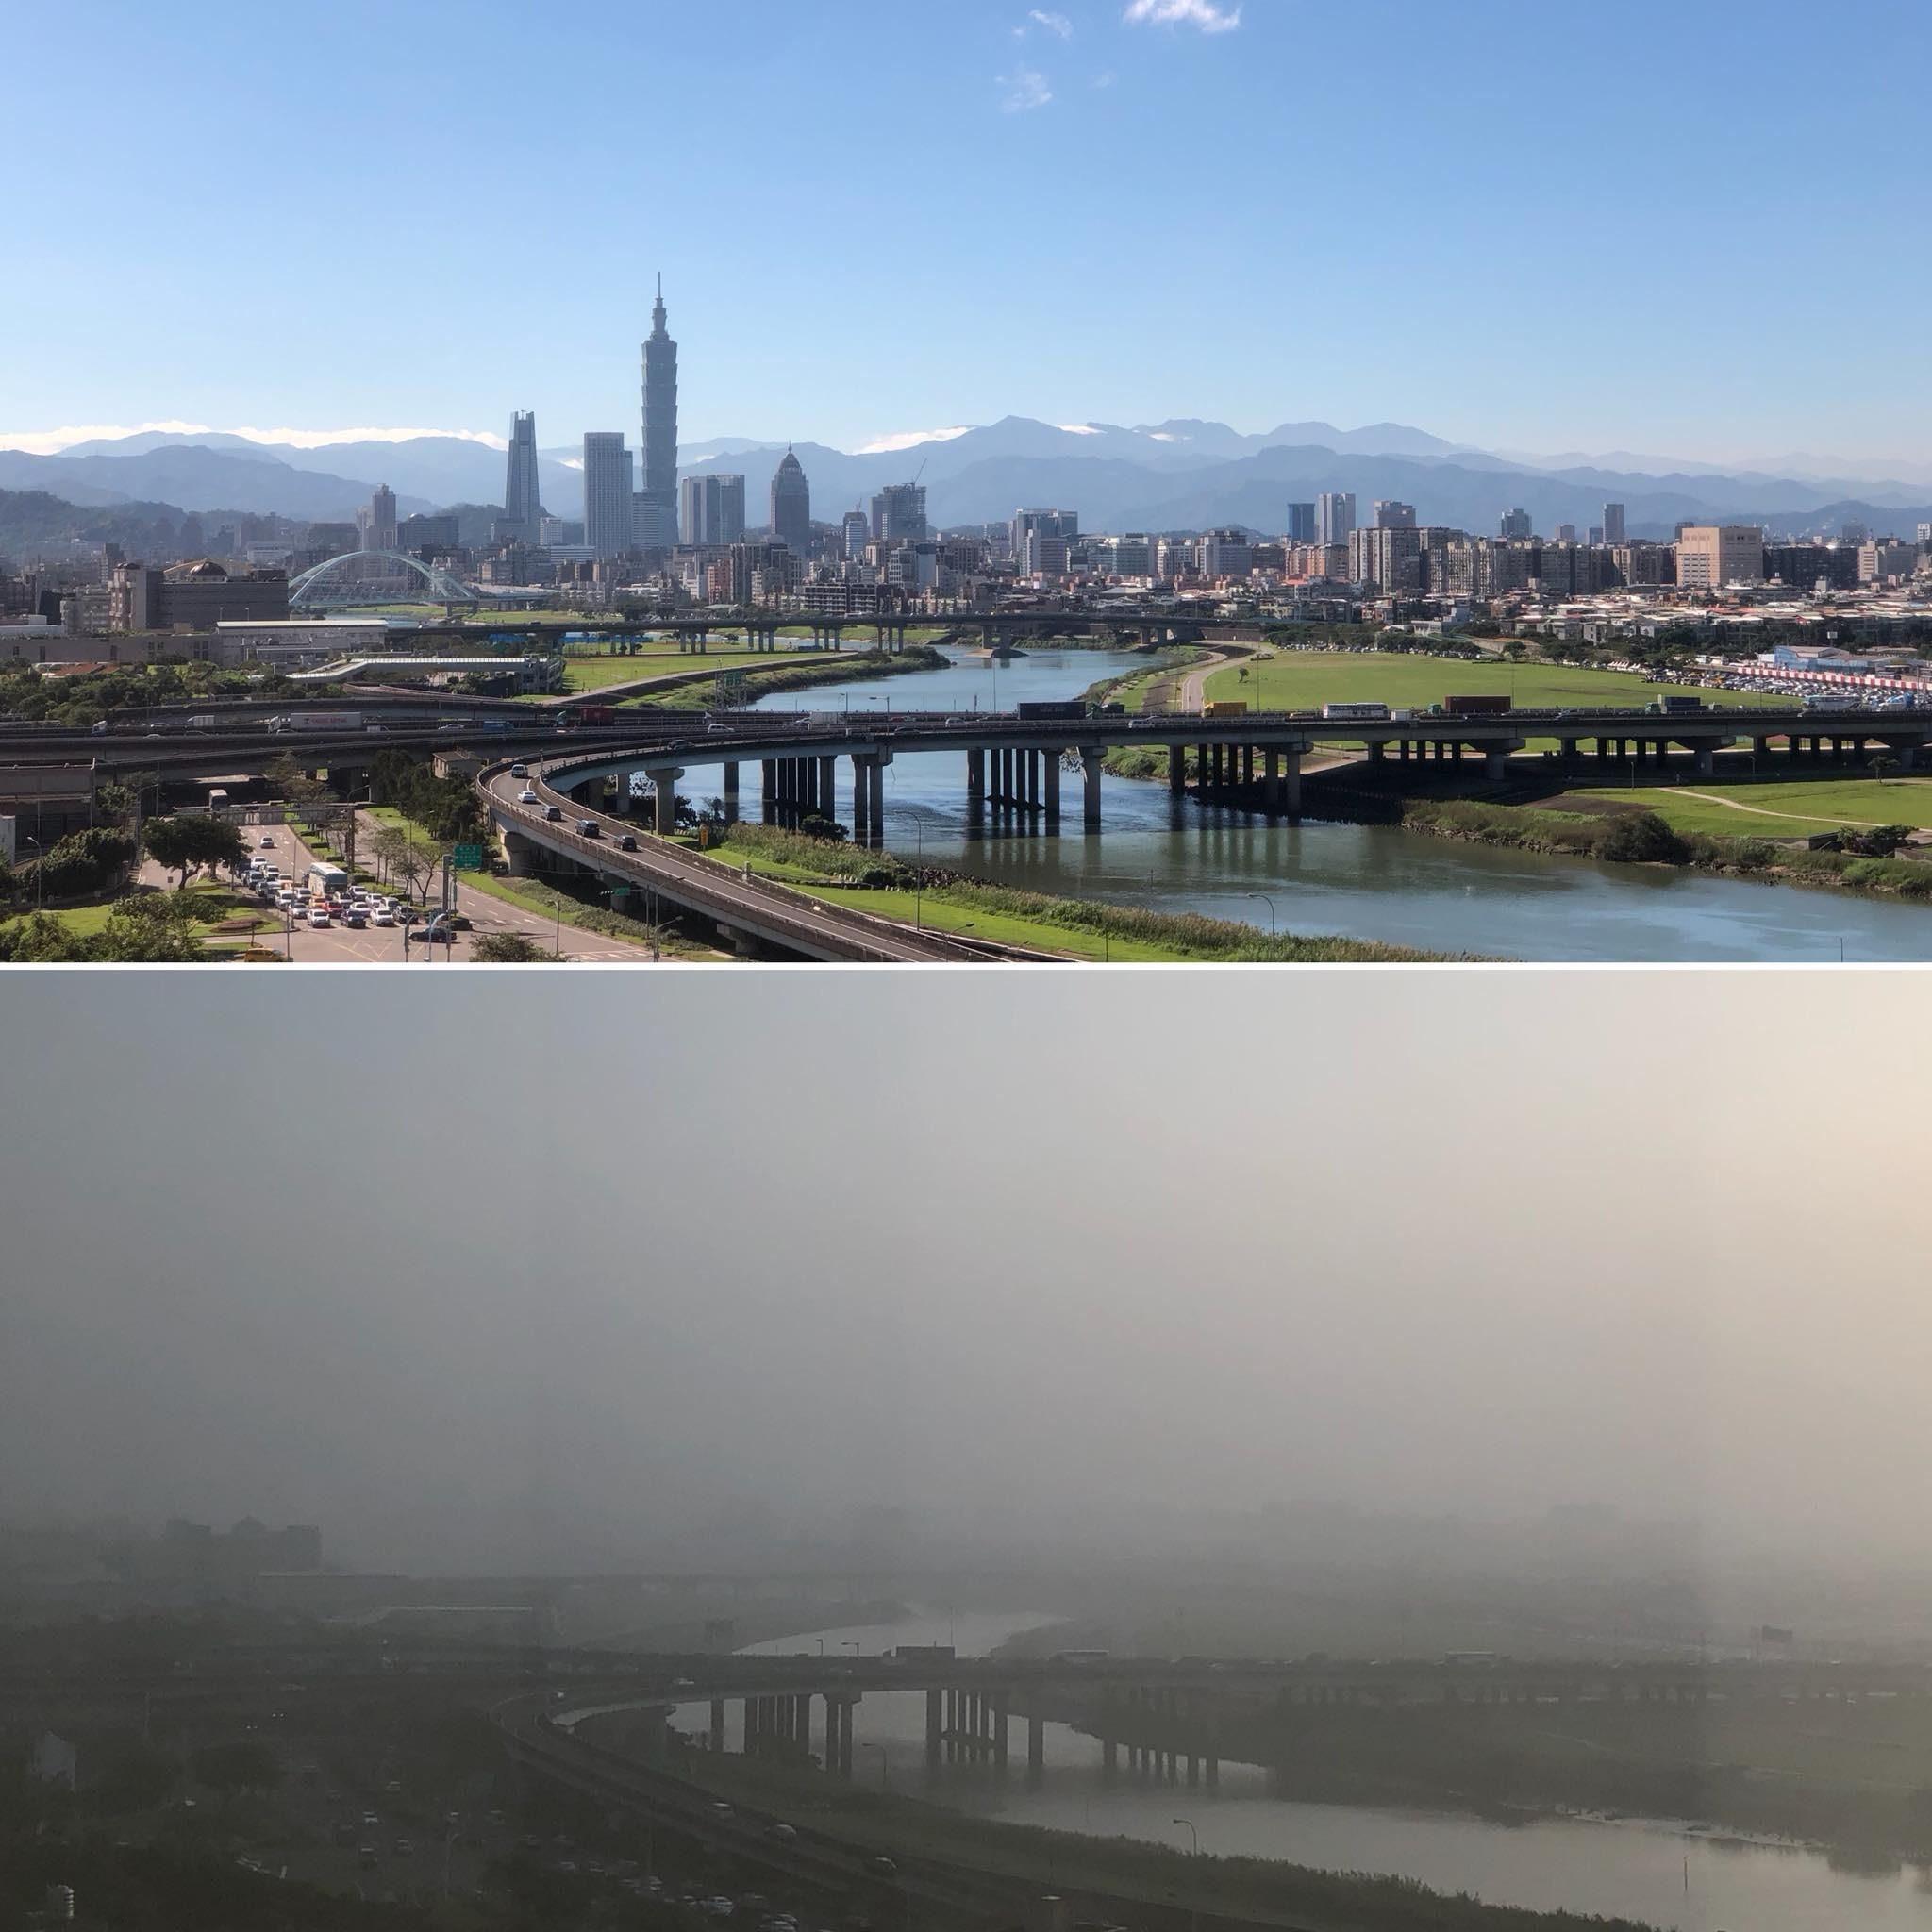 是霧霾影響台灣 從南到北一片霧濛濛 高雄未來3個月搭捷運免費這篇文章的首圖